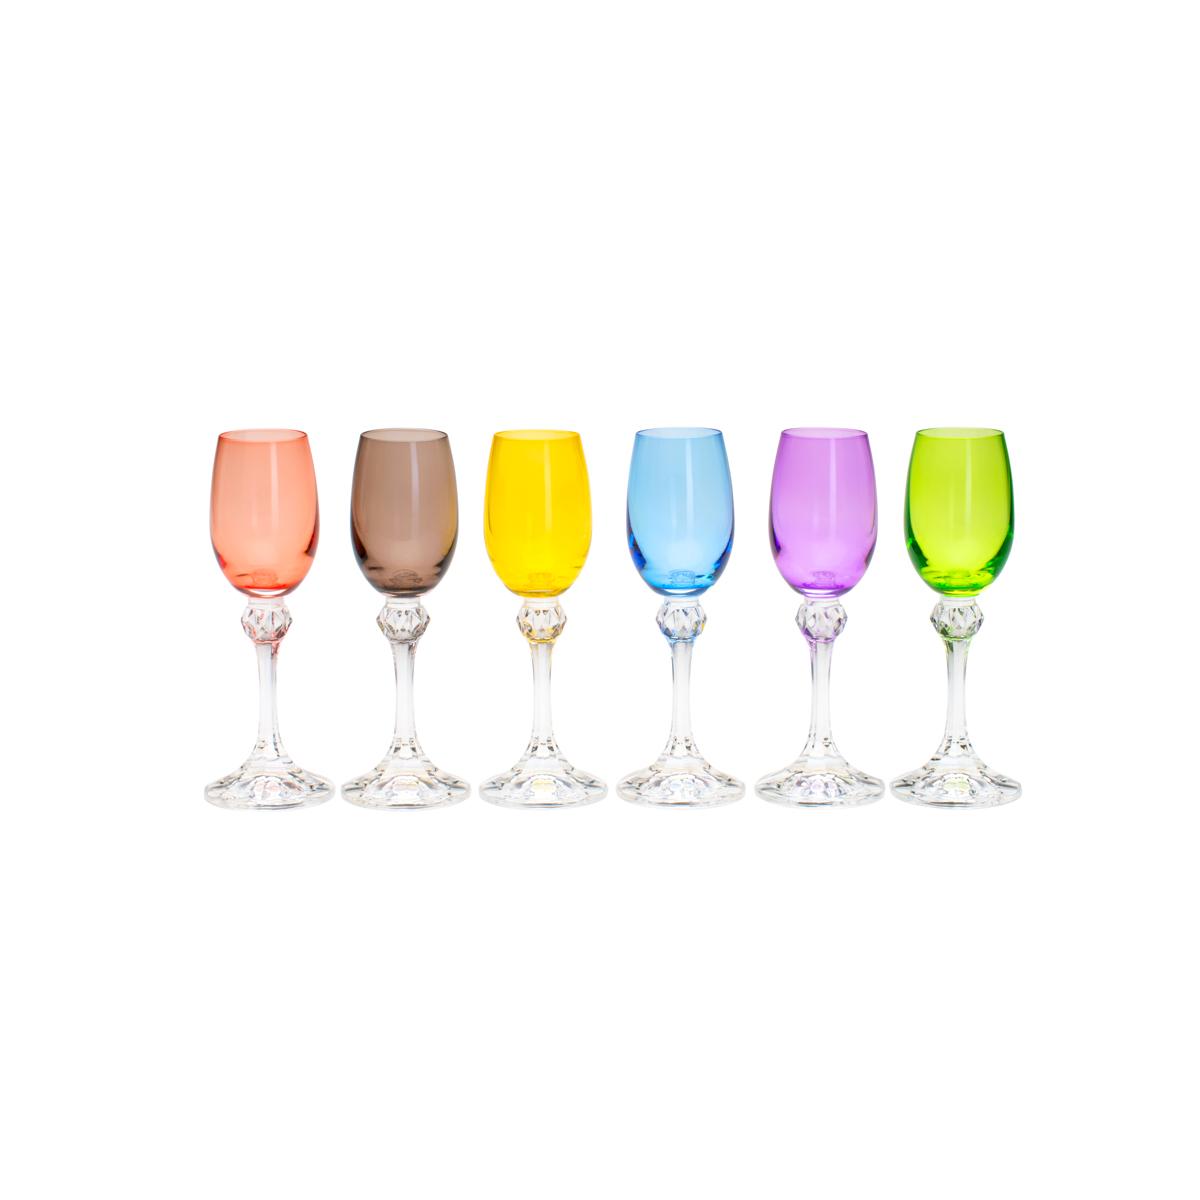 Jogo de 6 Taças para Licor em Cristal Bohemia Elisa Colorida 65ml